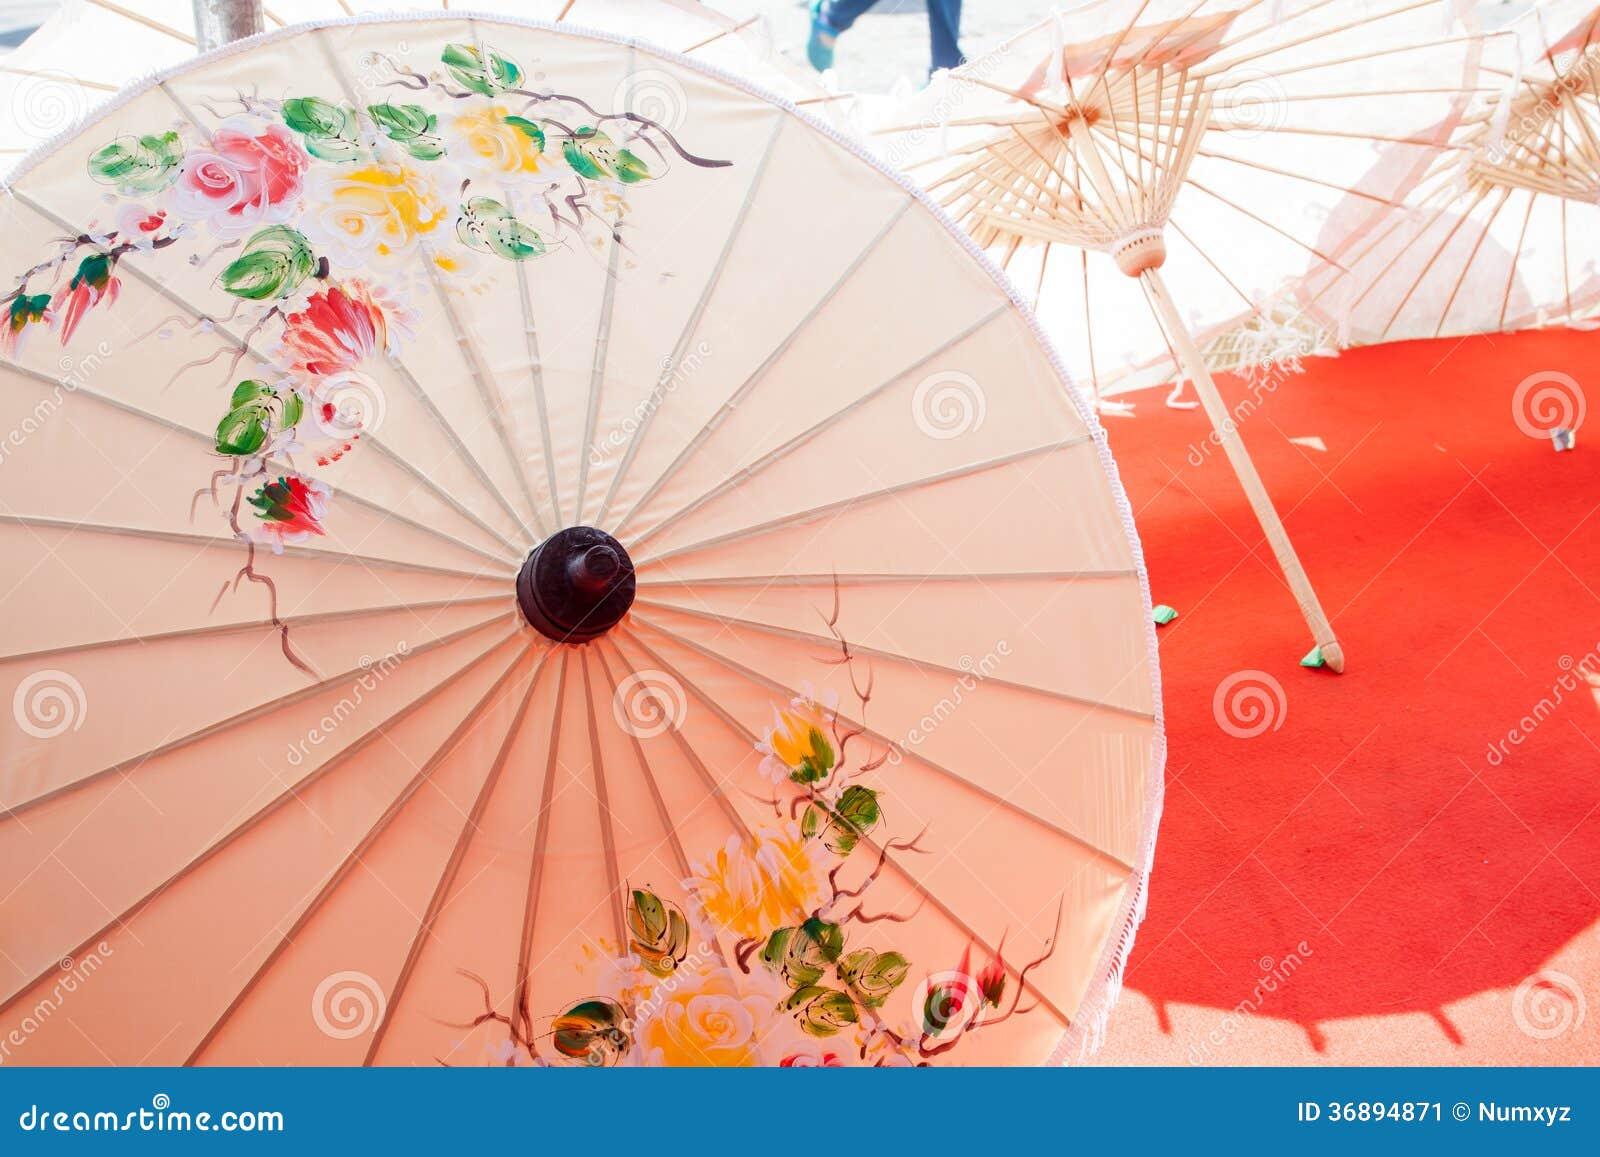 Download Ombrello Fatto Di Carta/di Tessuto. Arti Immagine Stock - Immagine di concettuale, artista: 36894871